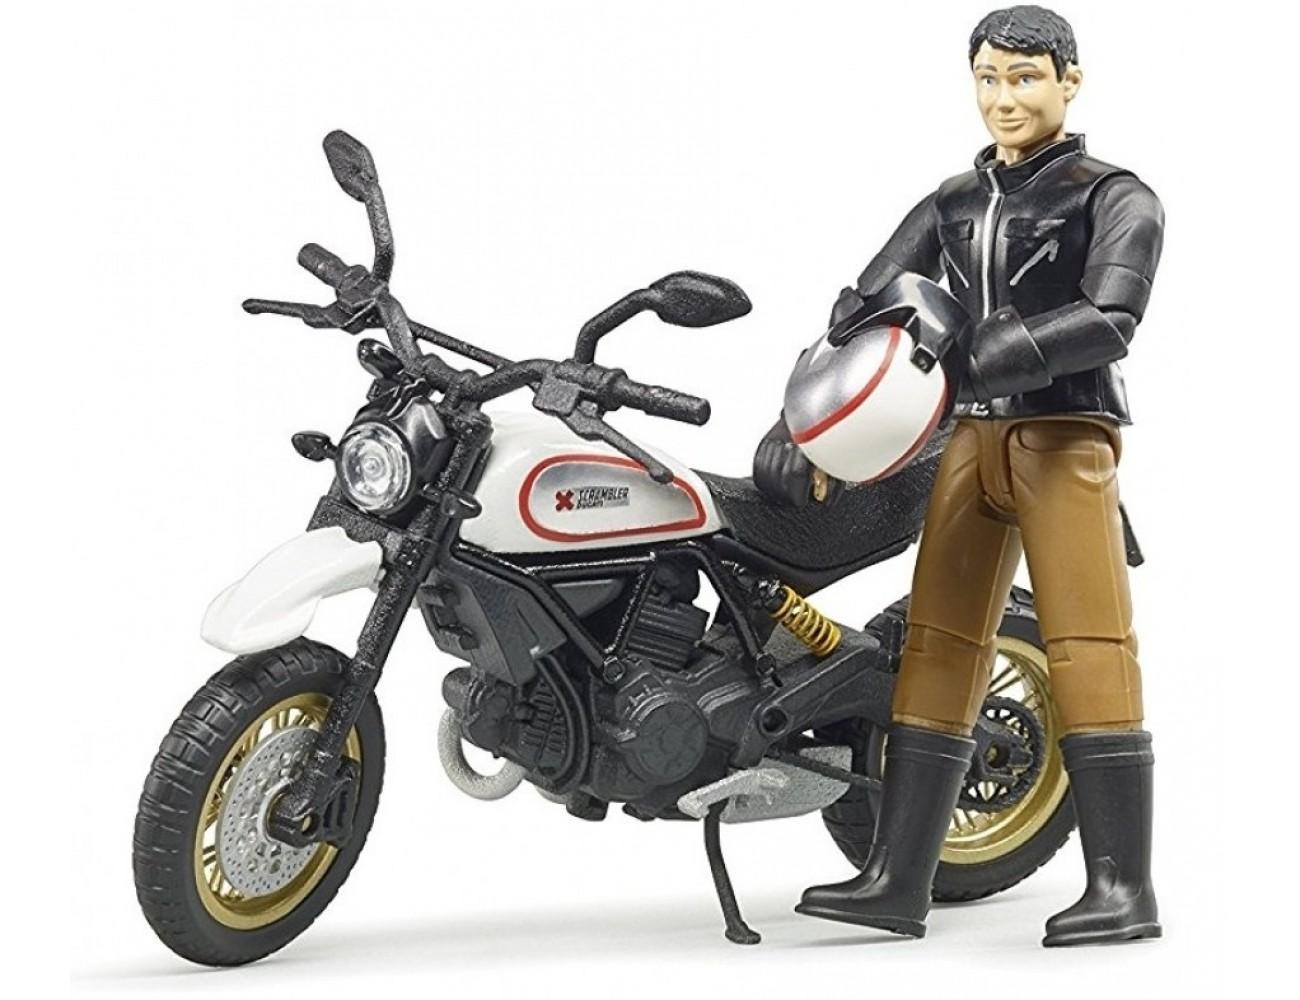 La passion pour les motos se vit aussi en miniature !